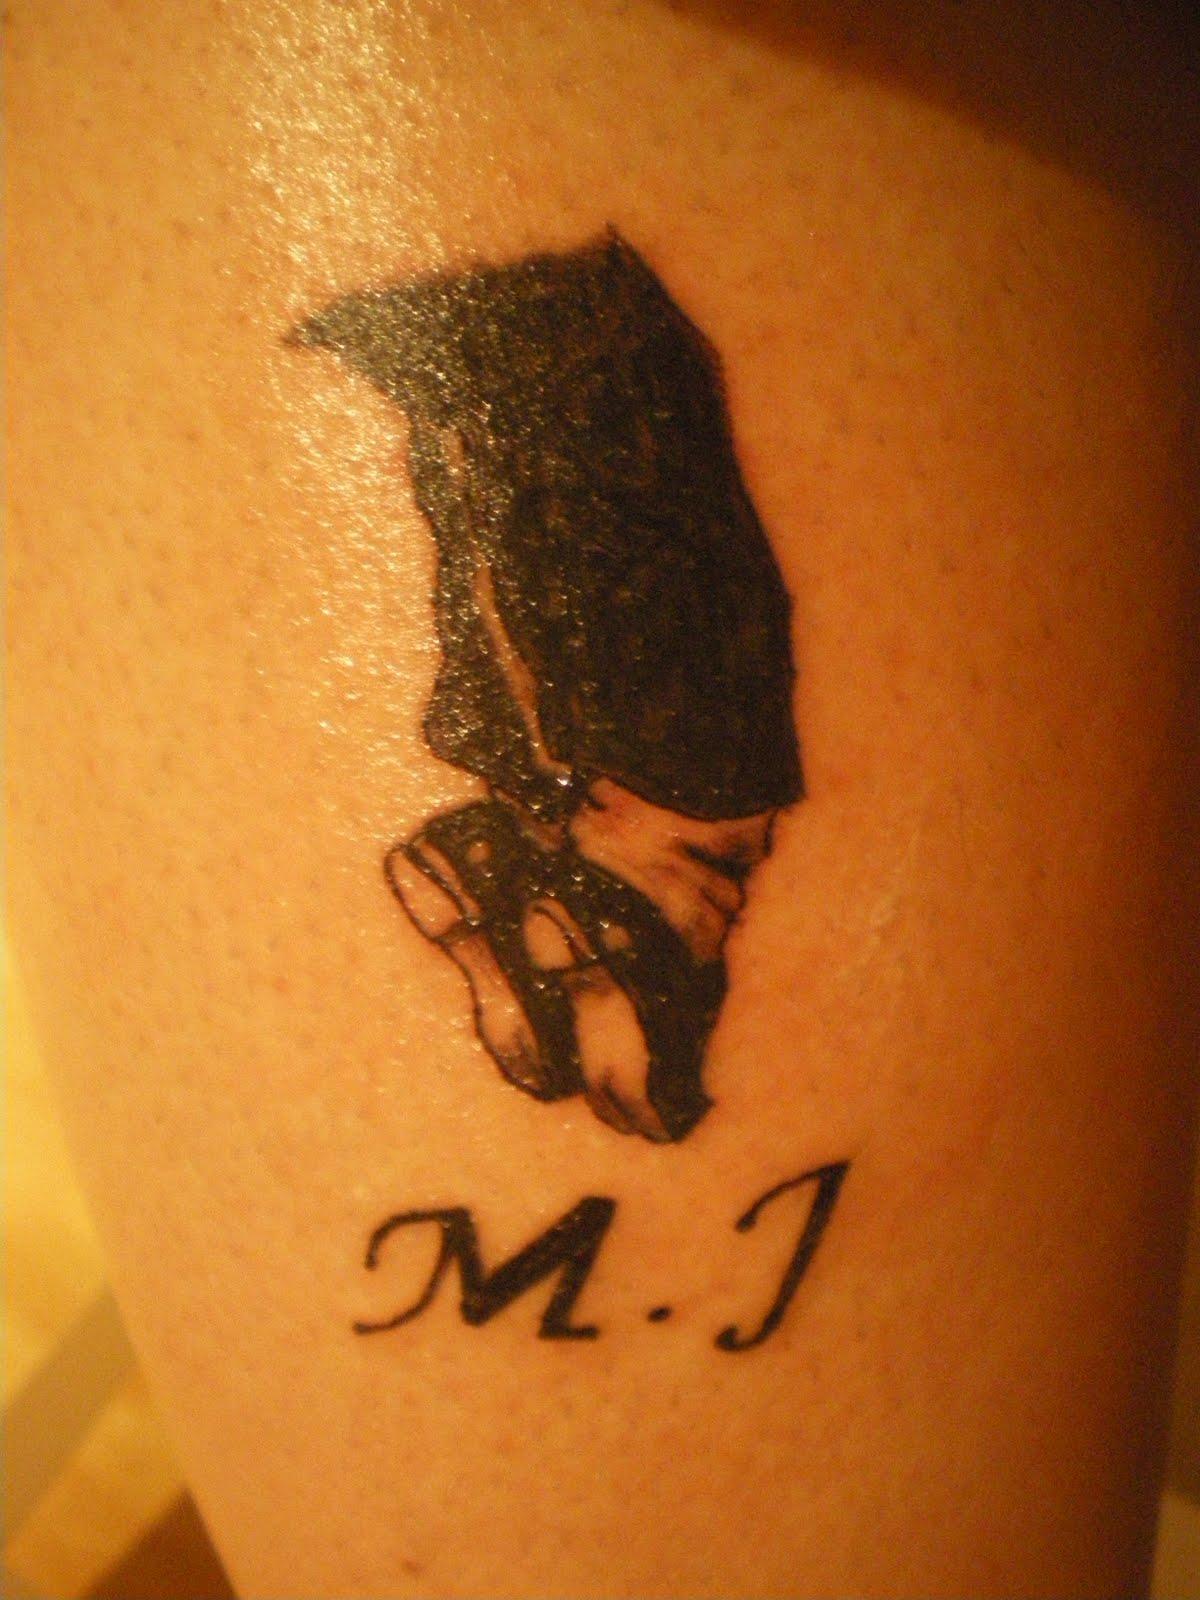 TATTOO: Tattoo Michael Jackson